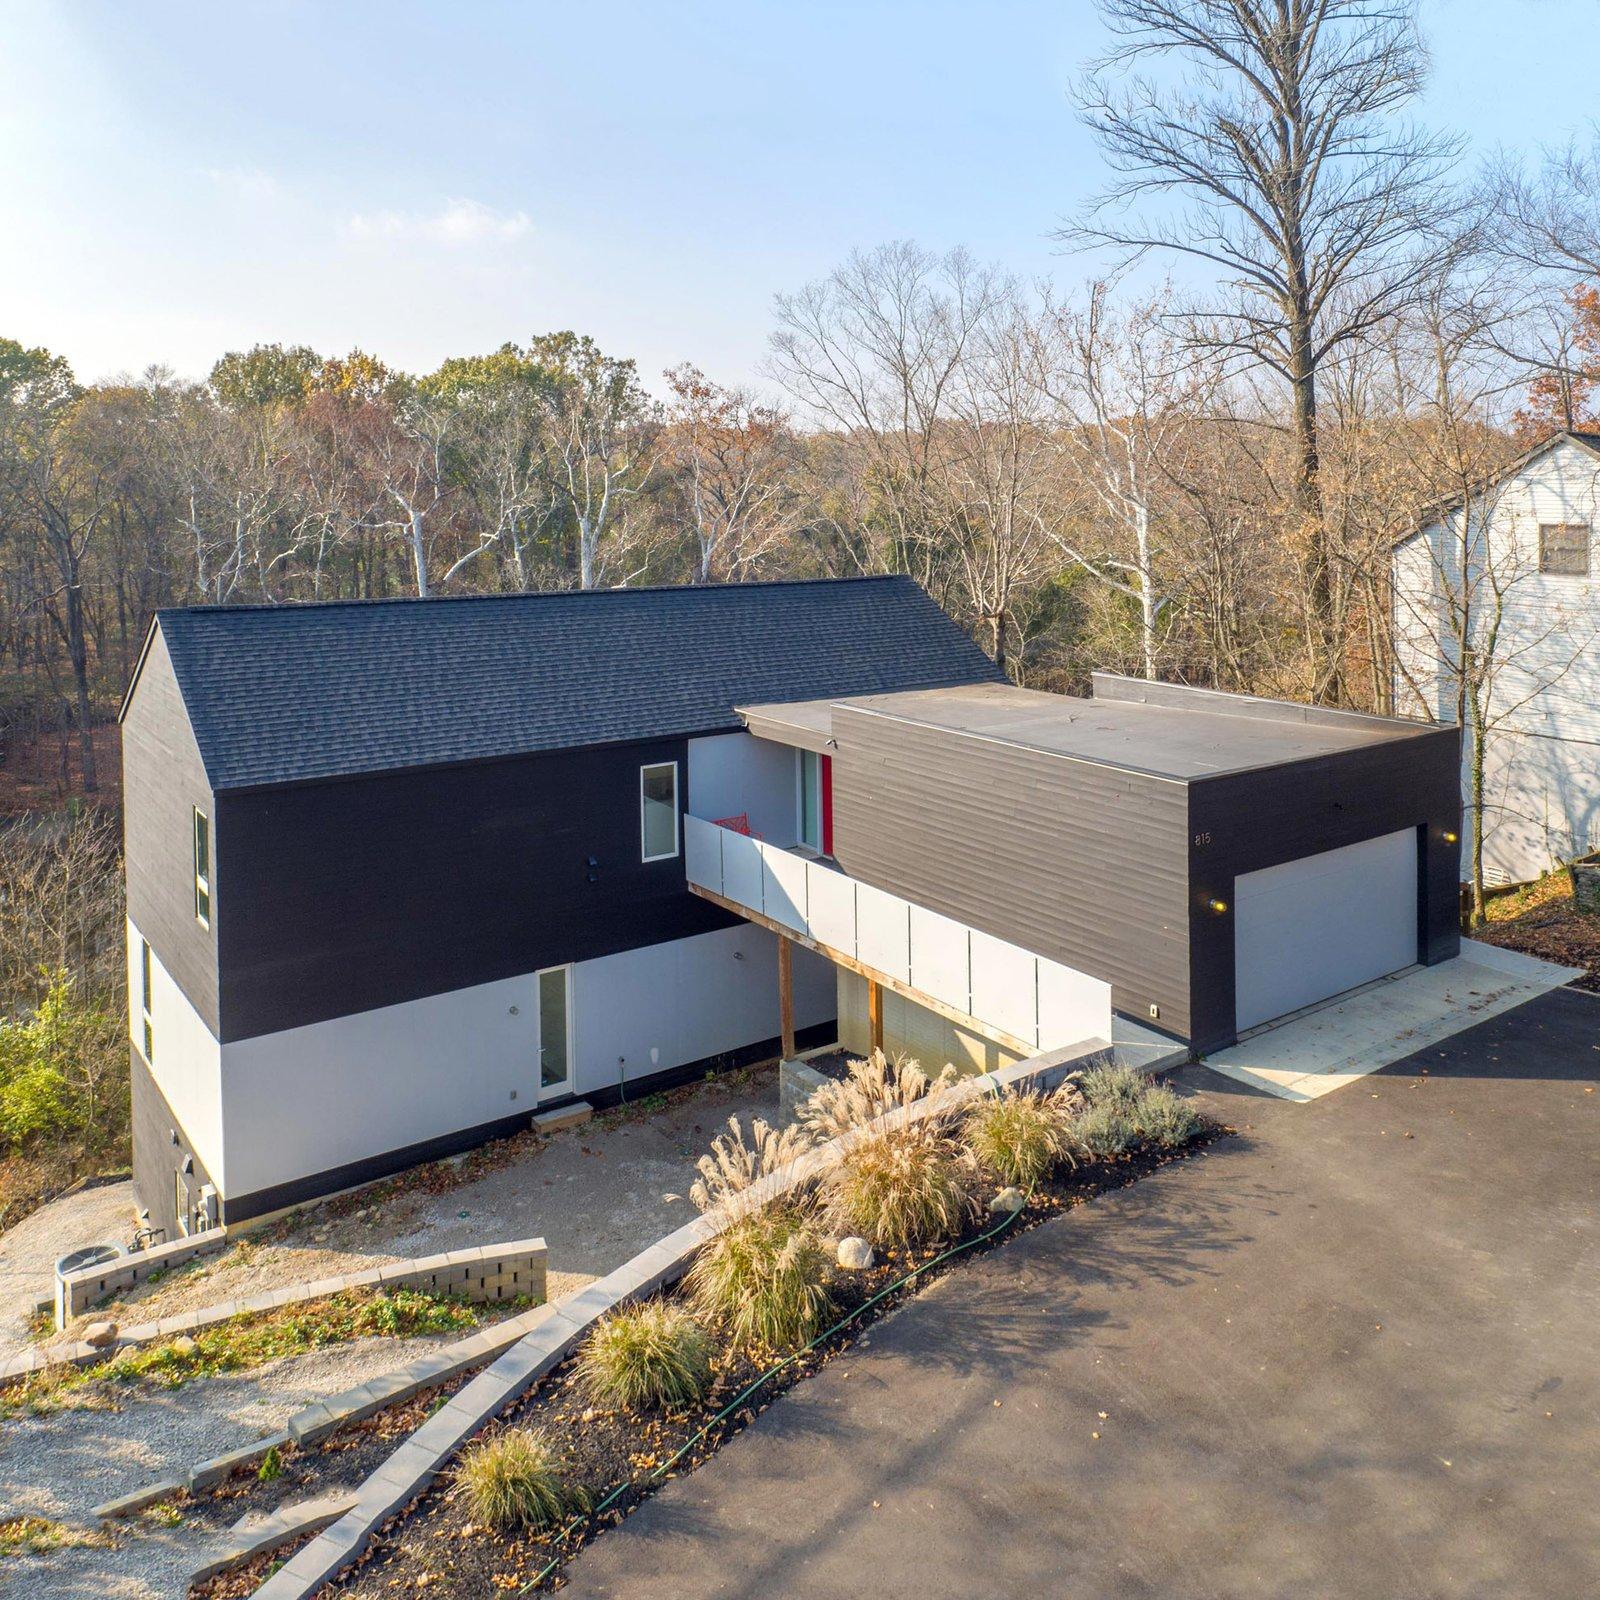 B1 House by Bittoni Architects